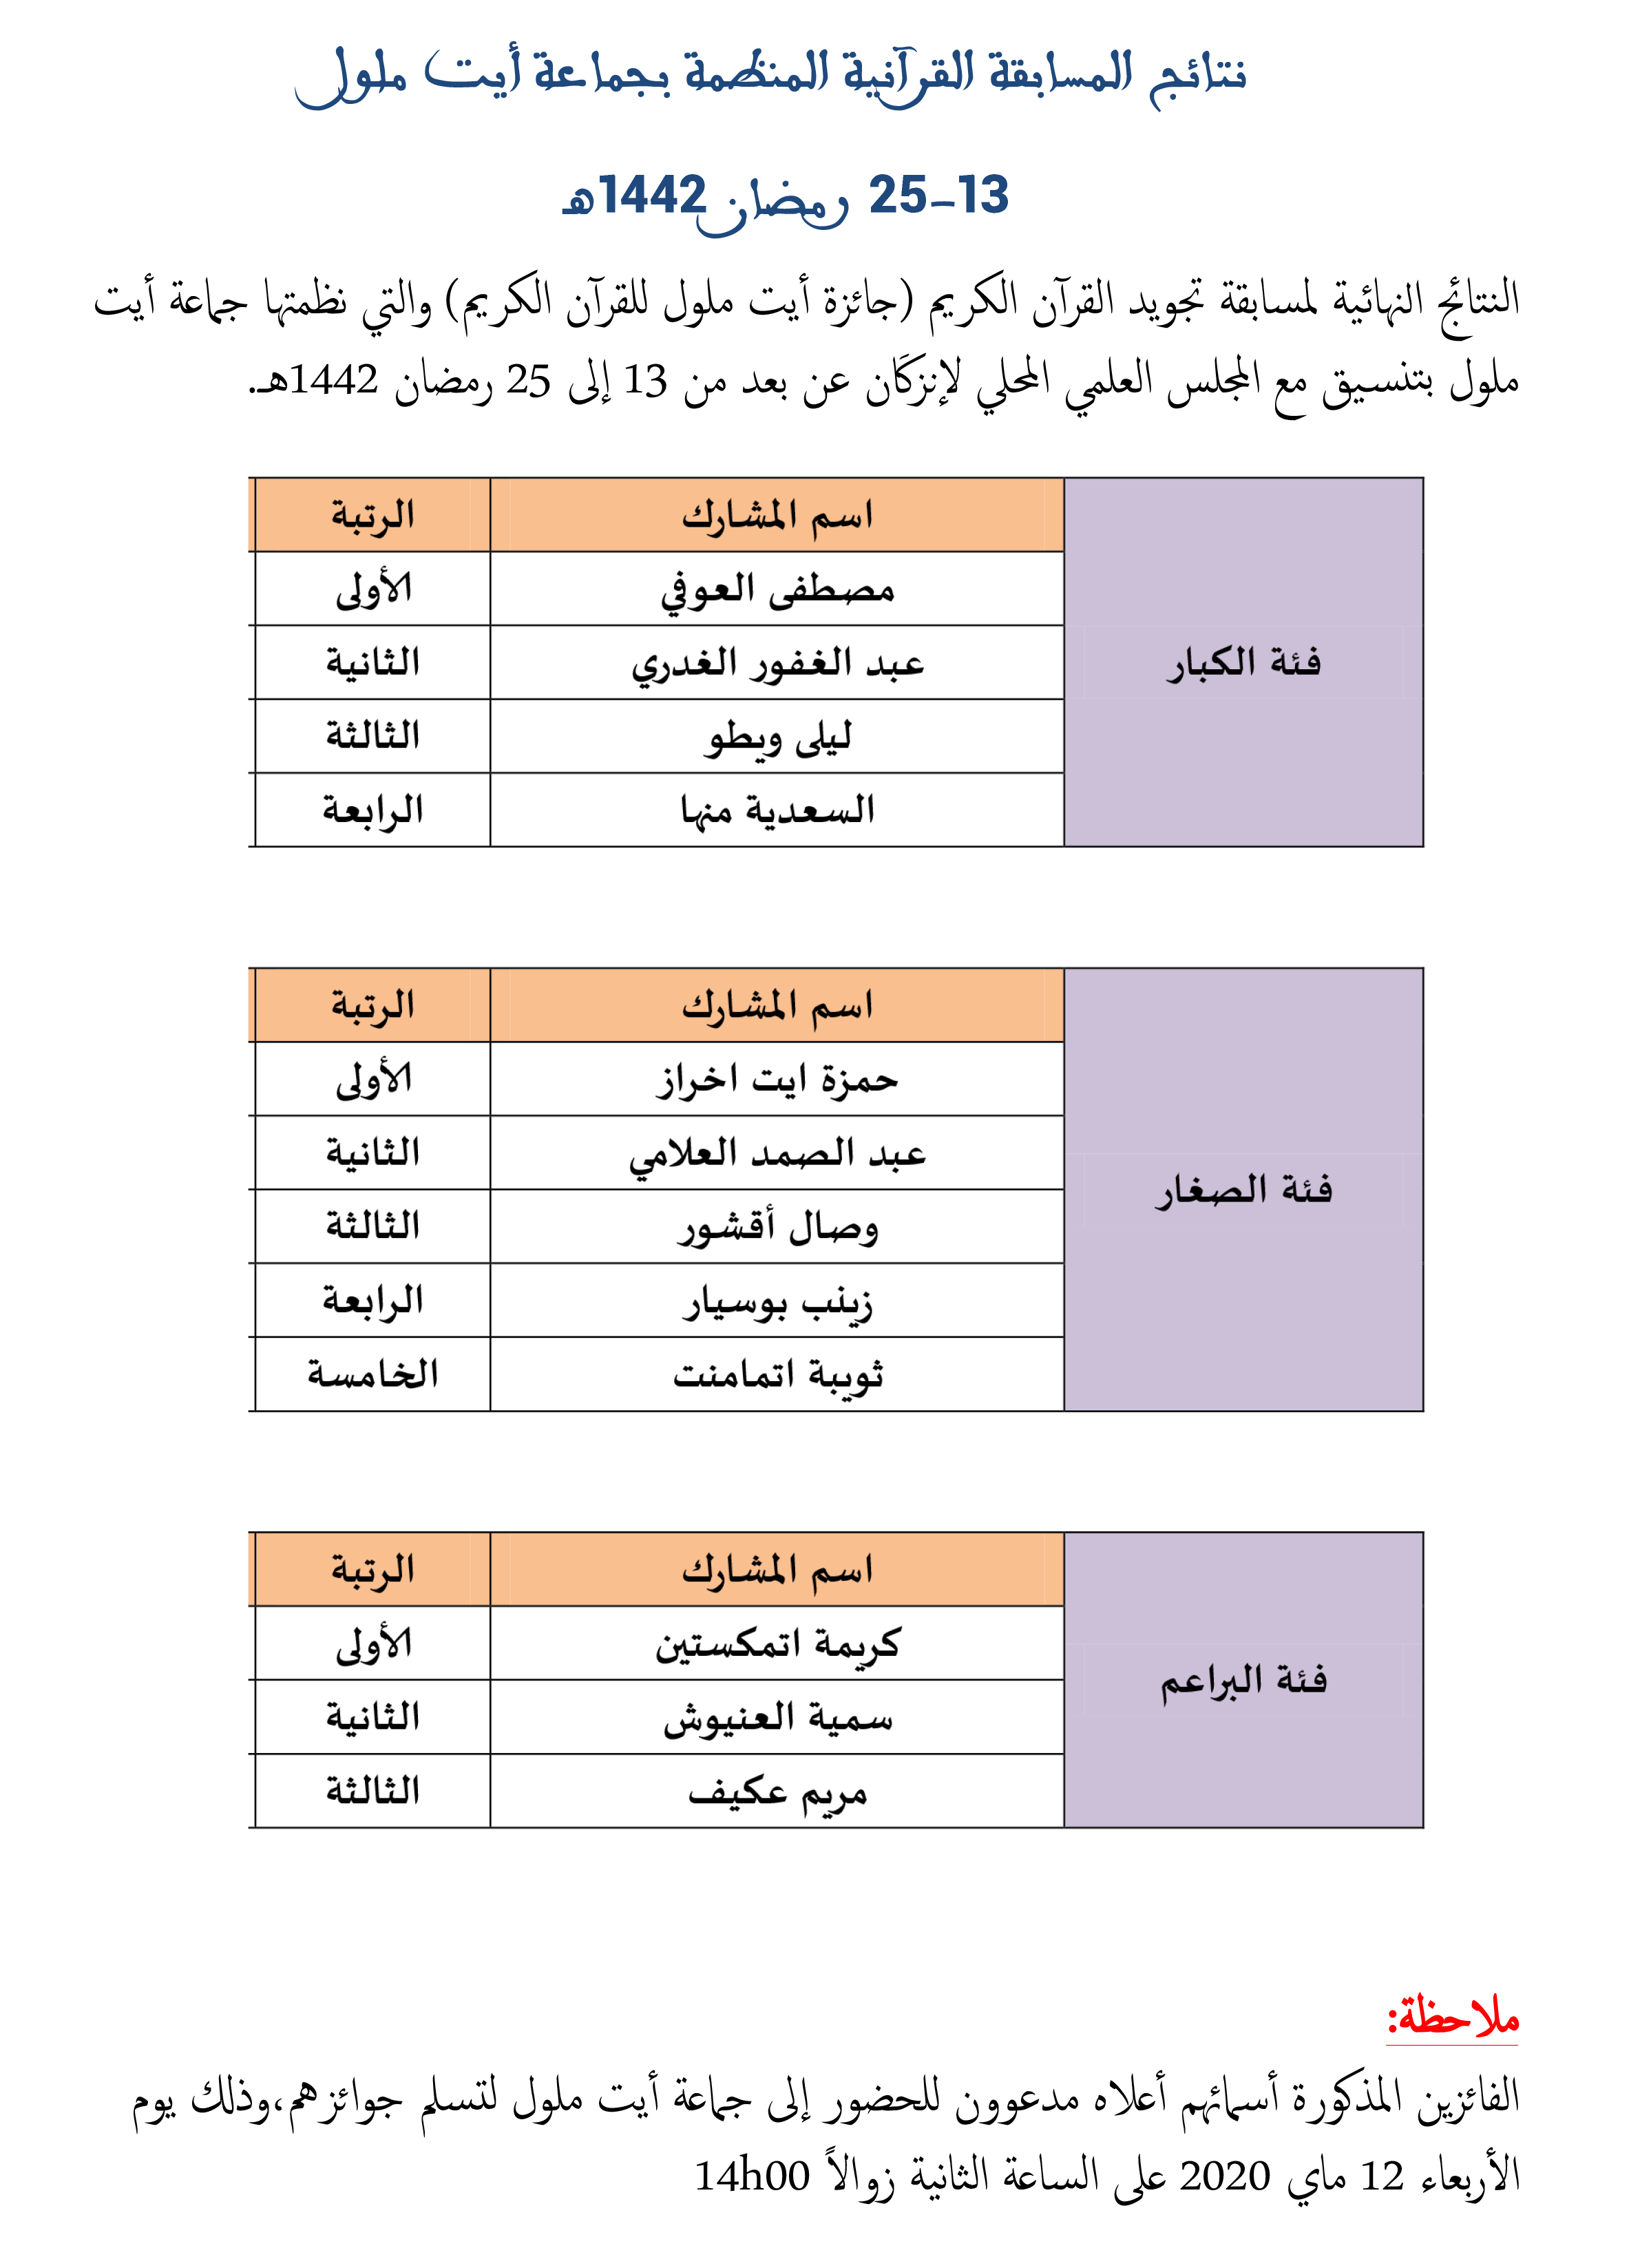 نتائج مسابقة جائزة أيت ملول للقرآن الكريم التي نظمتها جماعة أيت ملول من 13 إلى 25 رمضان 1442 هـ